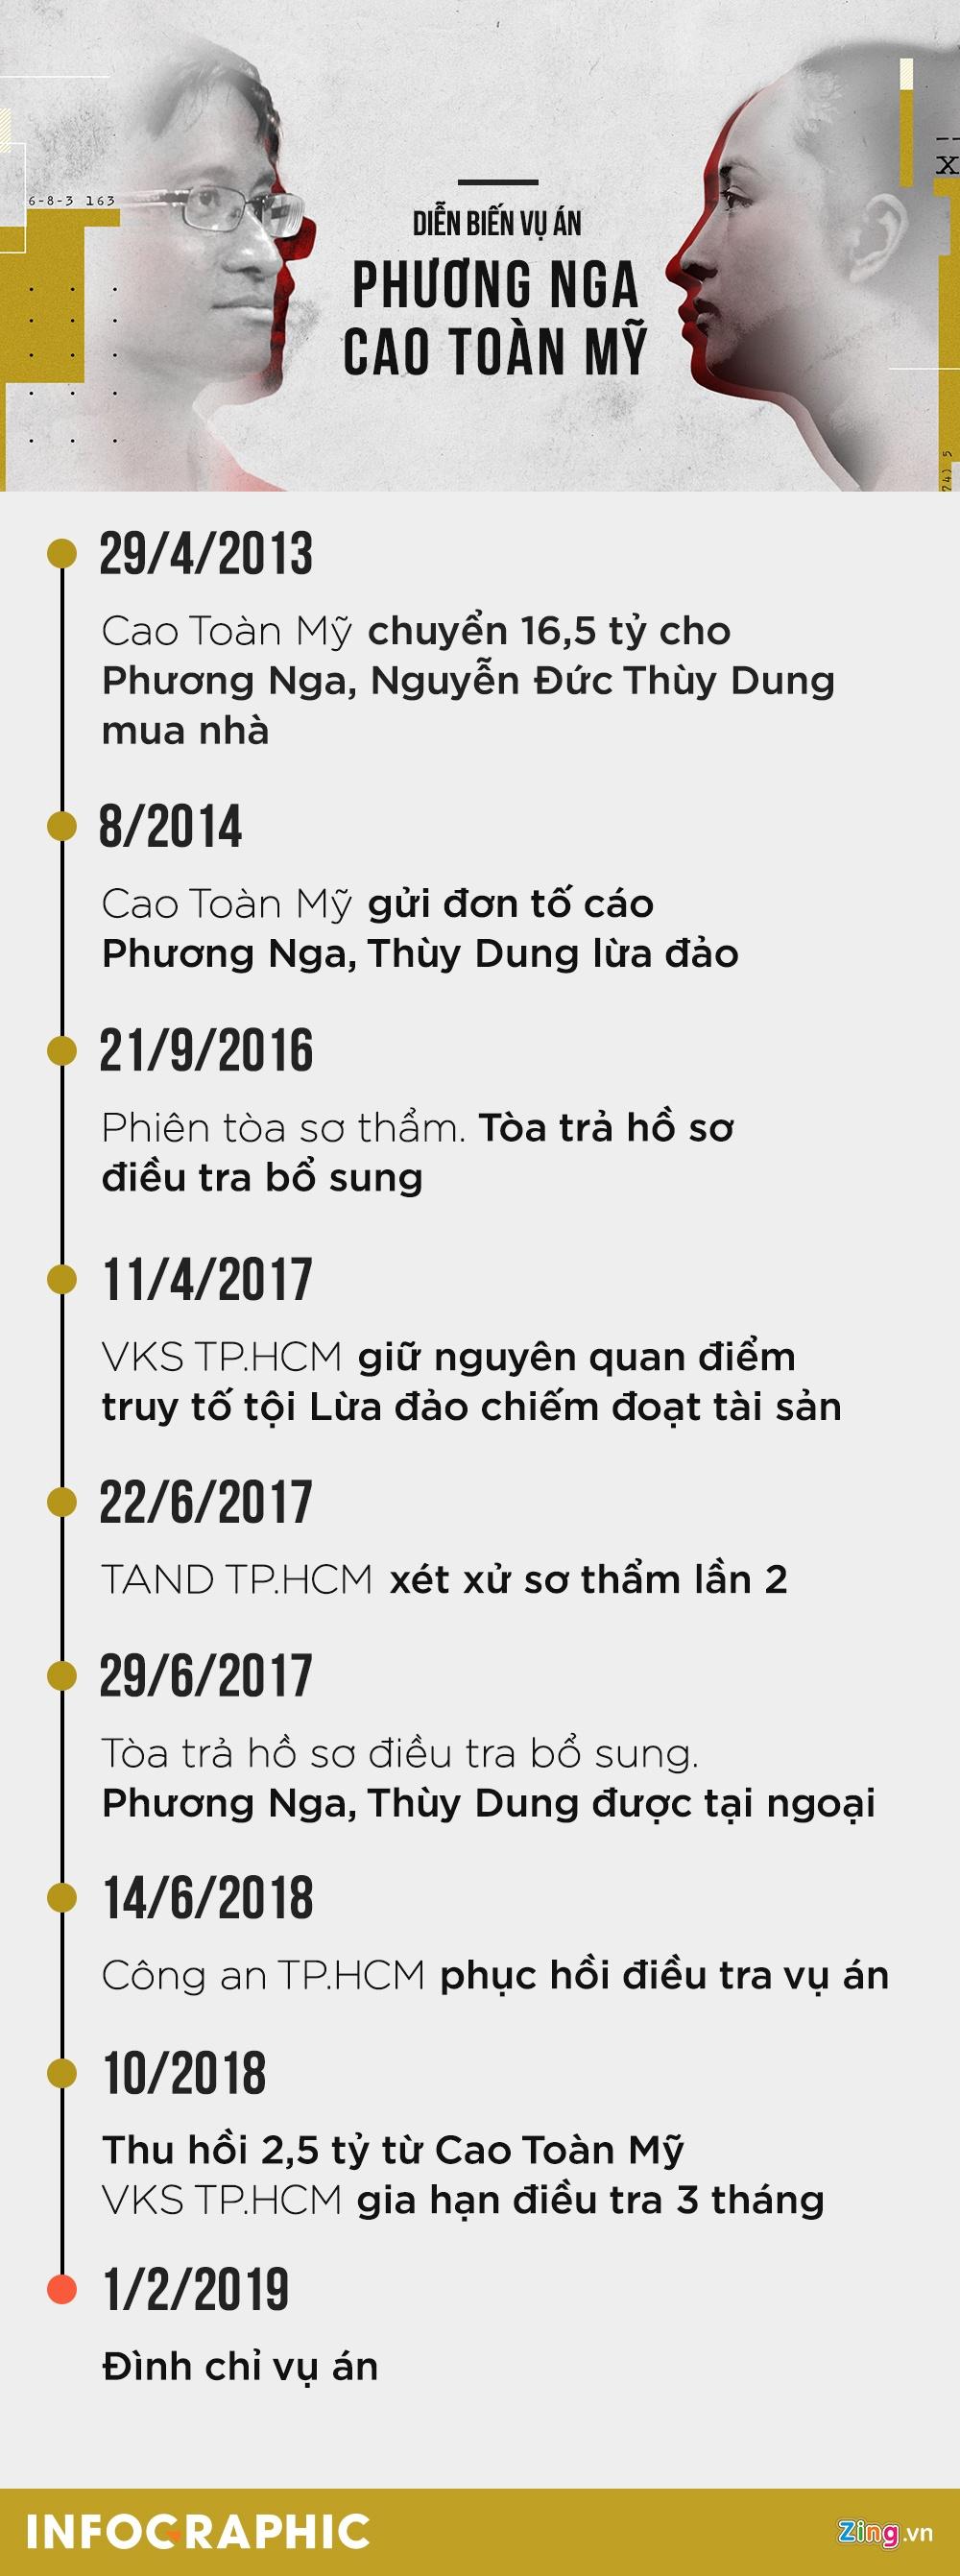 Hoa hau Phuong Nga,  quyet dinh dinh chi dieu tra anh 12